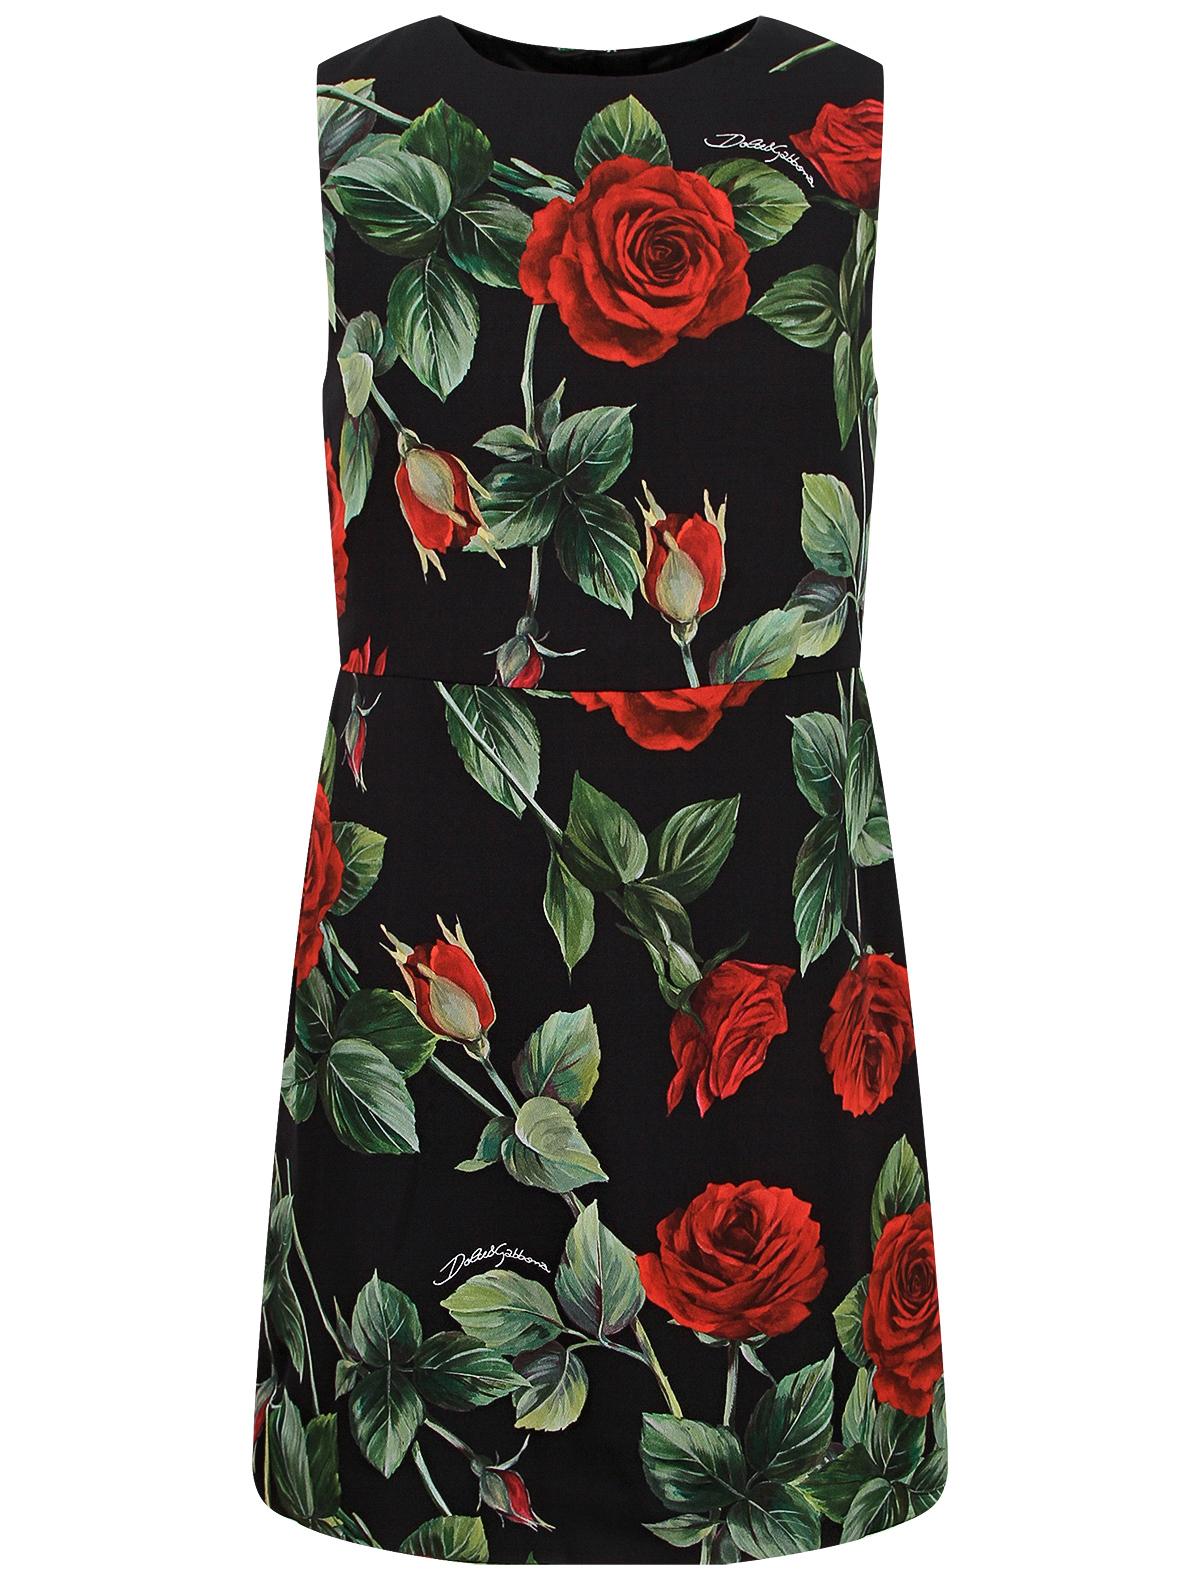 Купить 2357105, Платье Dolce & Gabbana, черный, Женский, 1054609185049